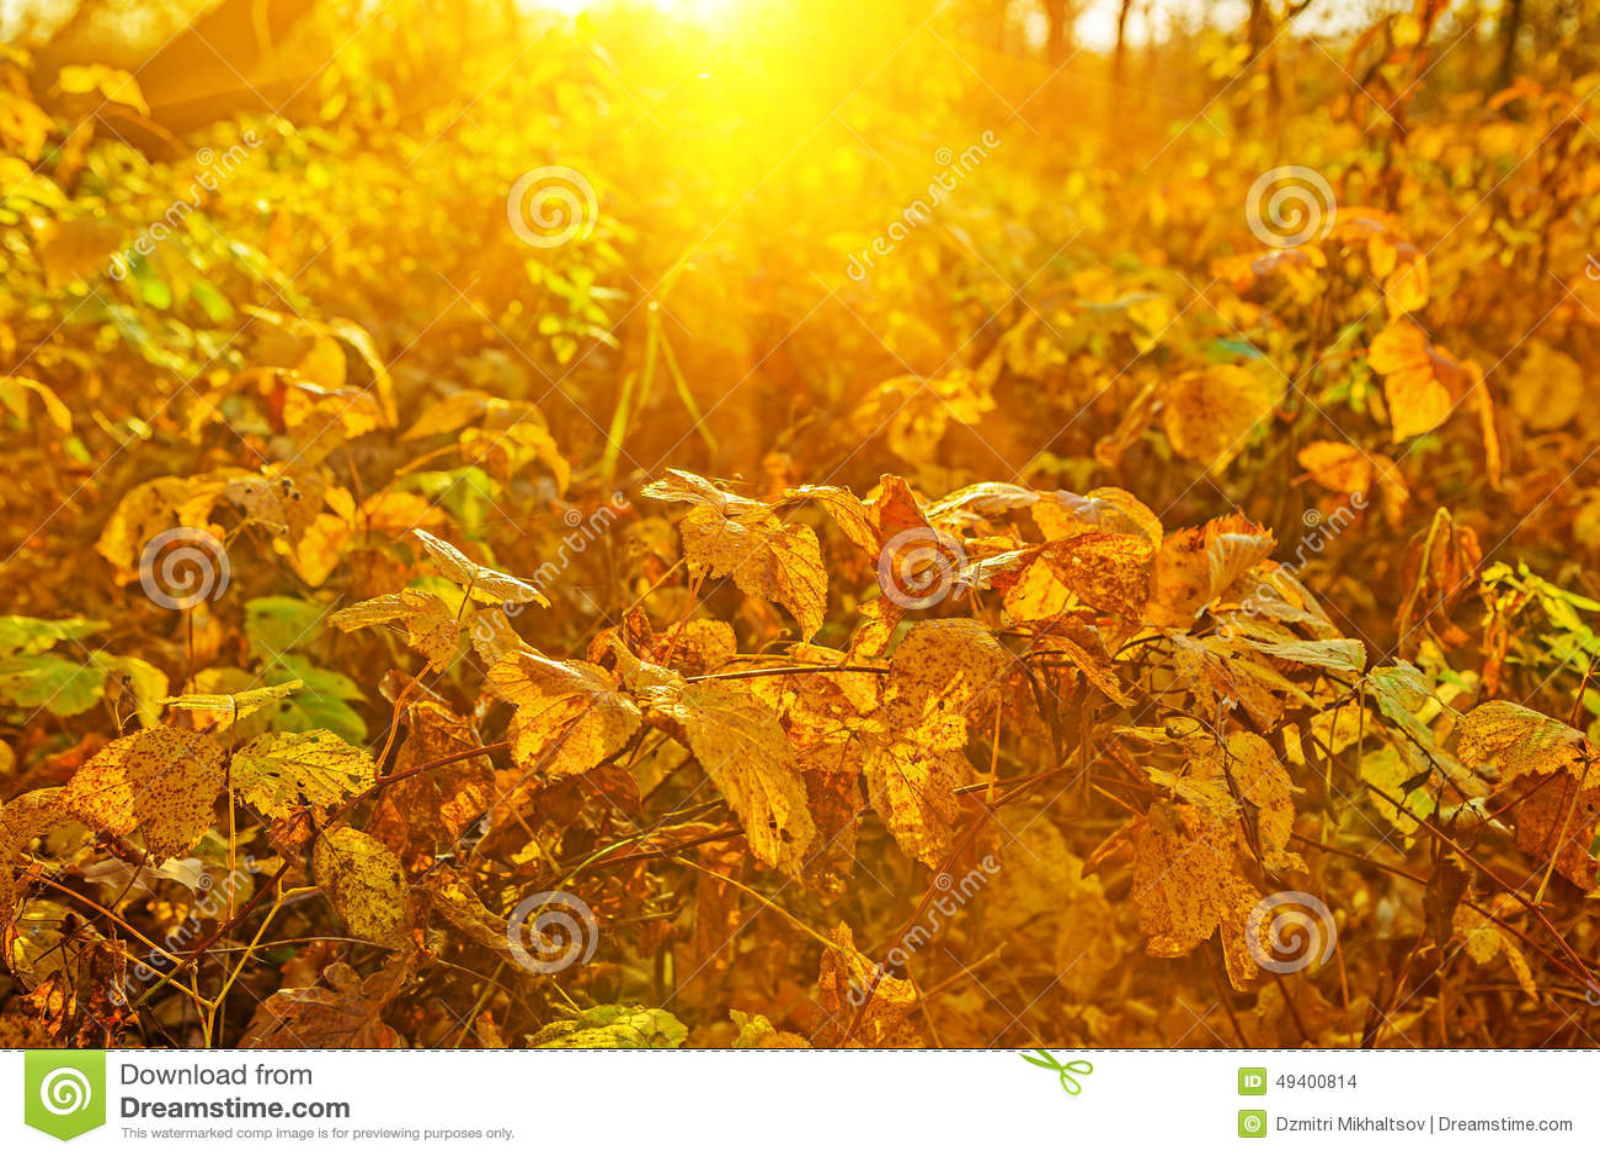 Download Herbstpflanzen Auf Sonnenaufgang Instagram Zauntritt Stockfoto - Bild von farbton, dämmerung: 49400814